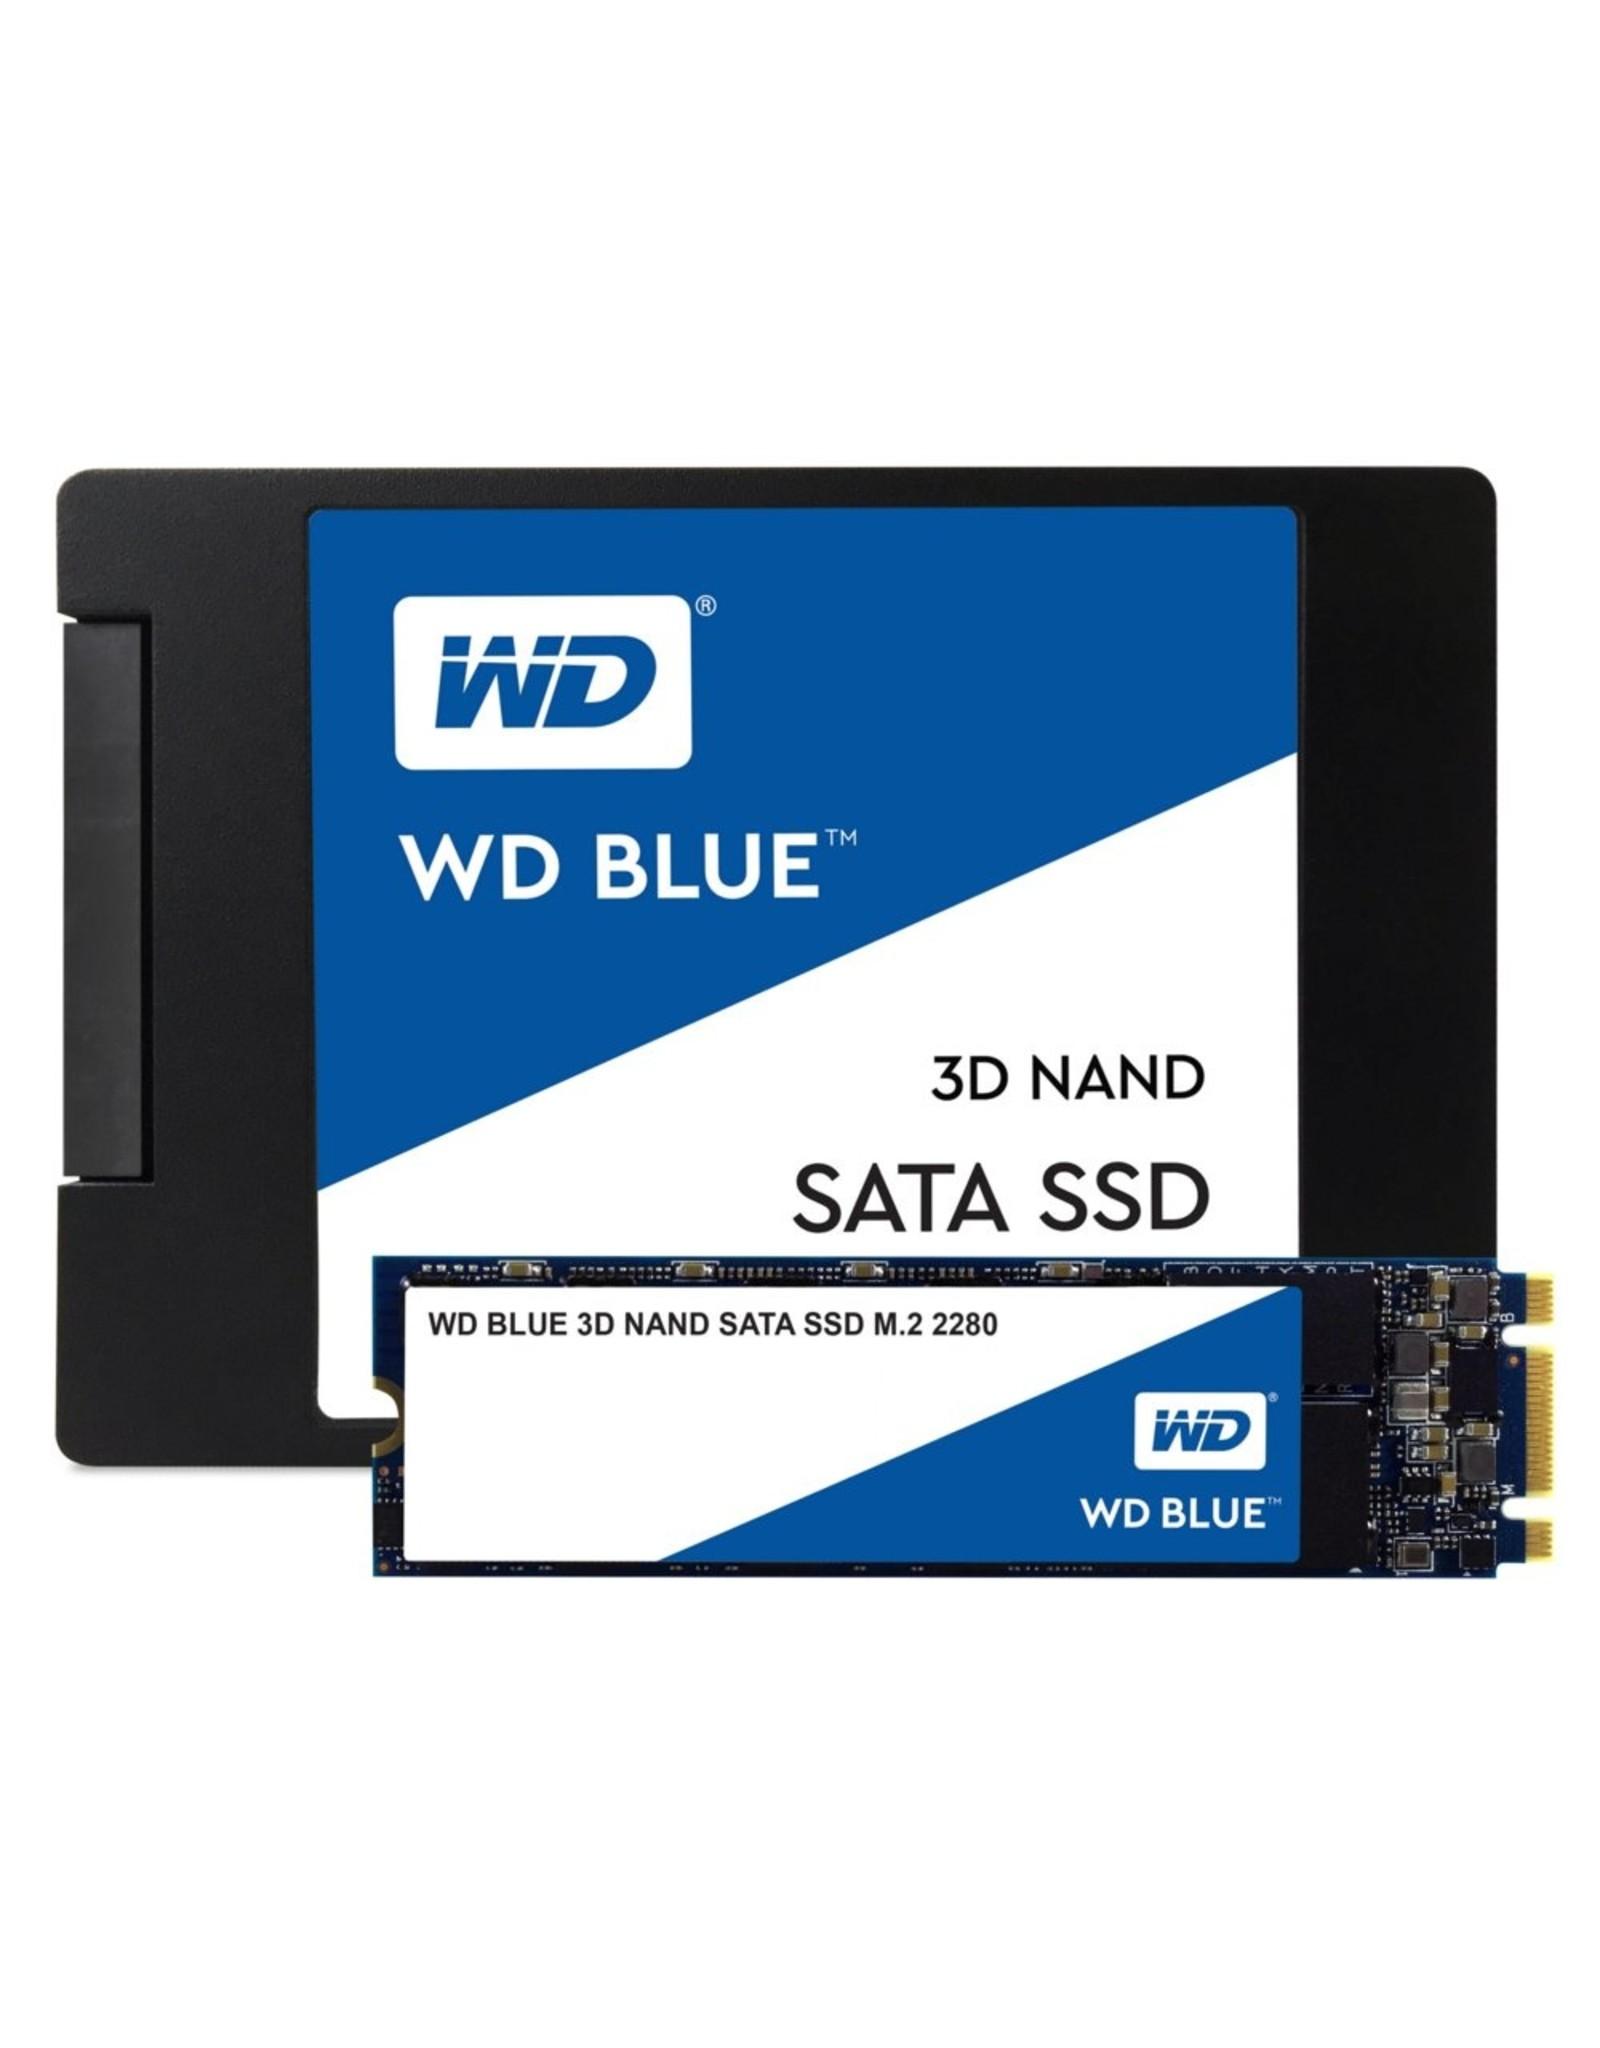 Western Digital SSD WD Blue 500GB m.2 2280 ( 560MB/s read 530MB/s)